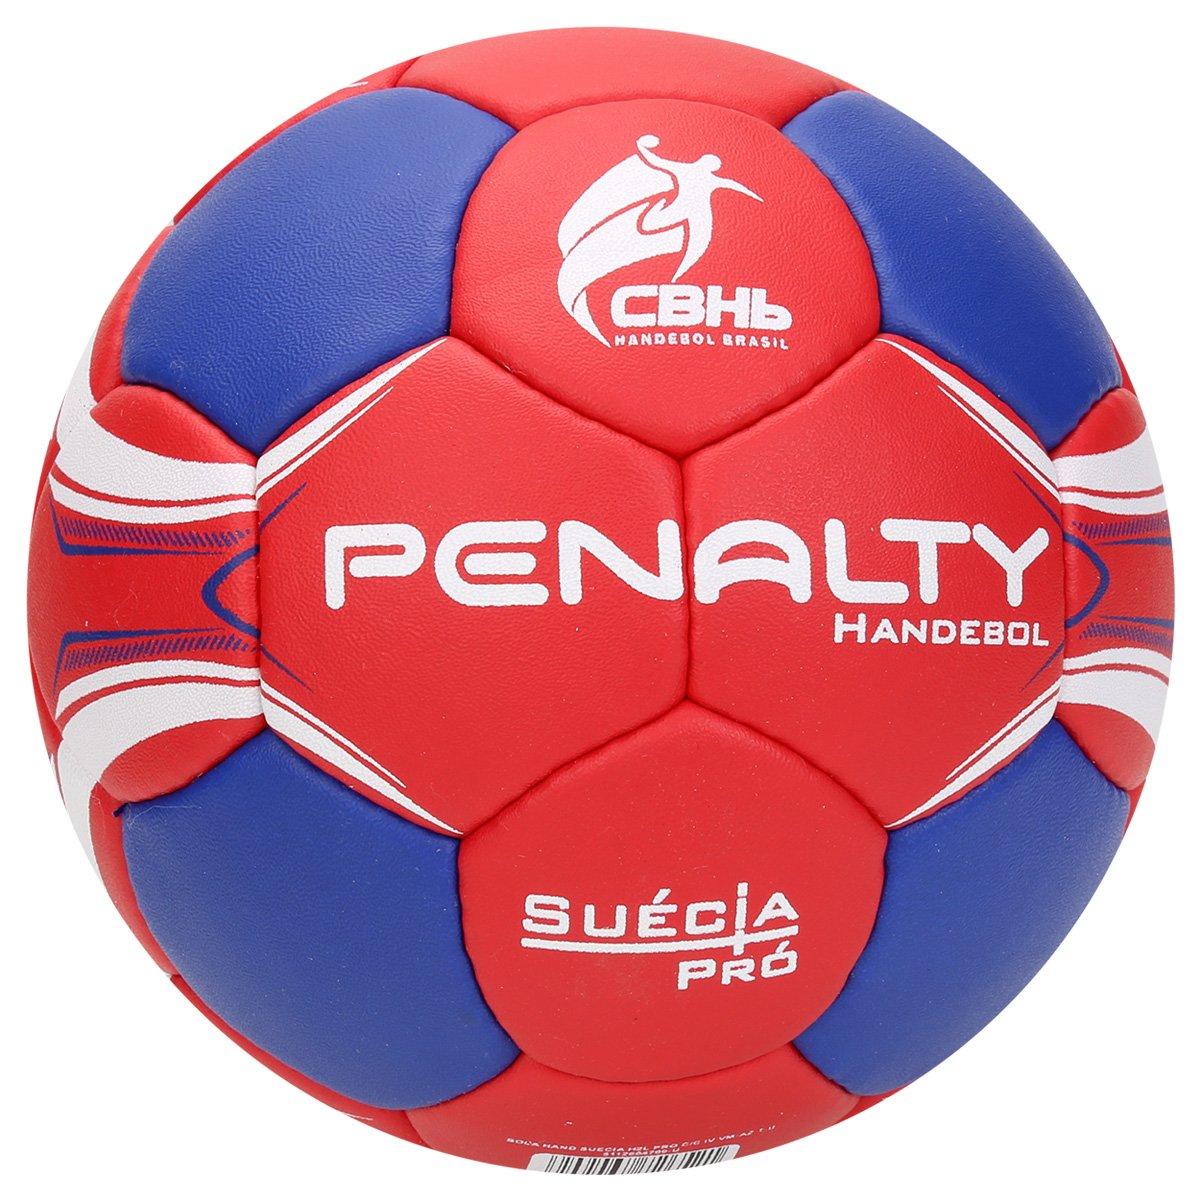 d623ed3a3b Bola de Handebol Penalty Suécia H2L Pro 4